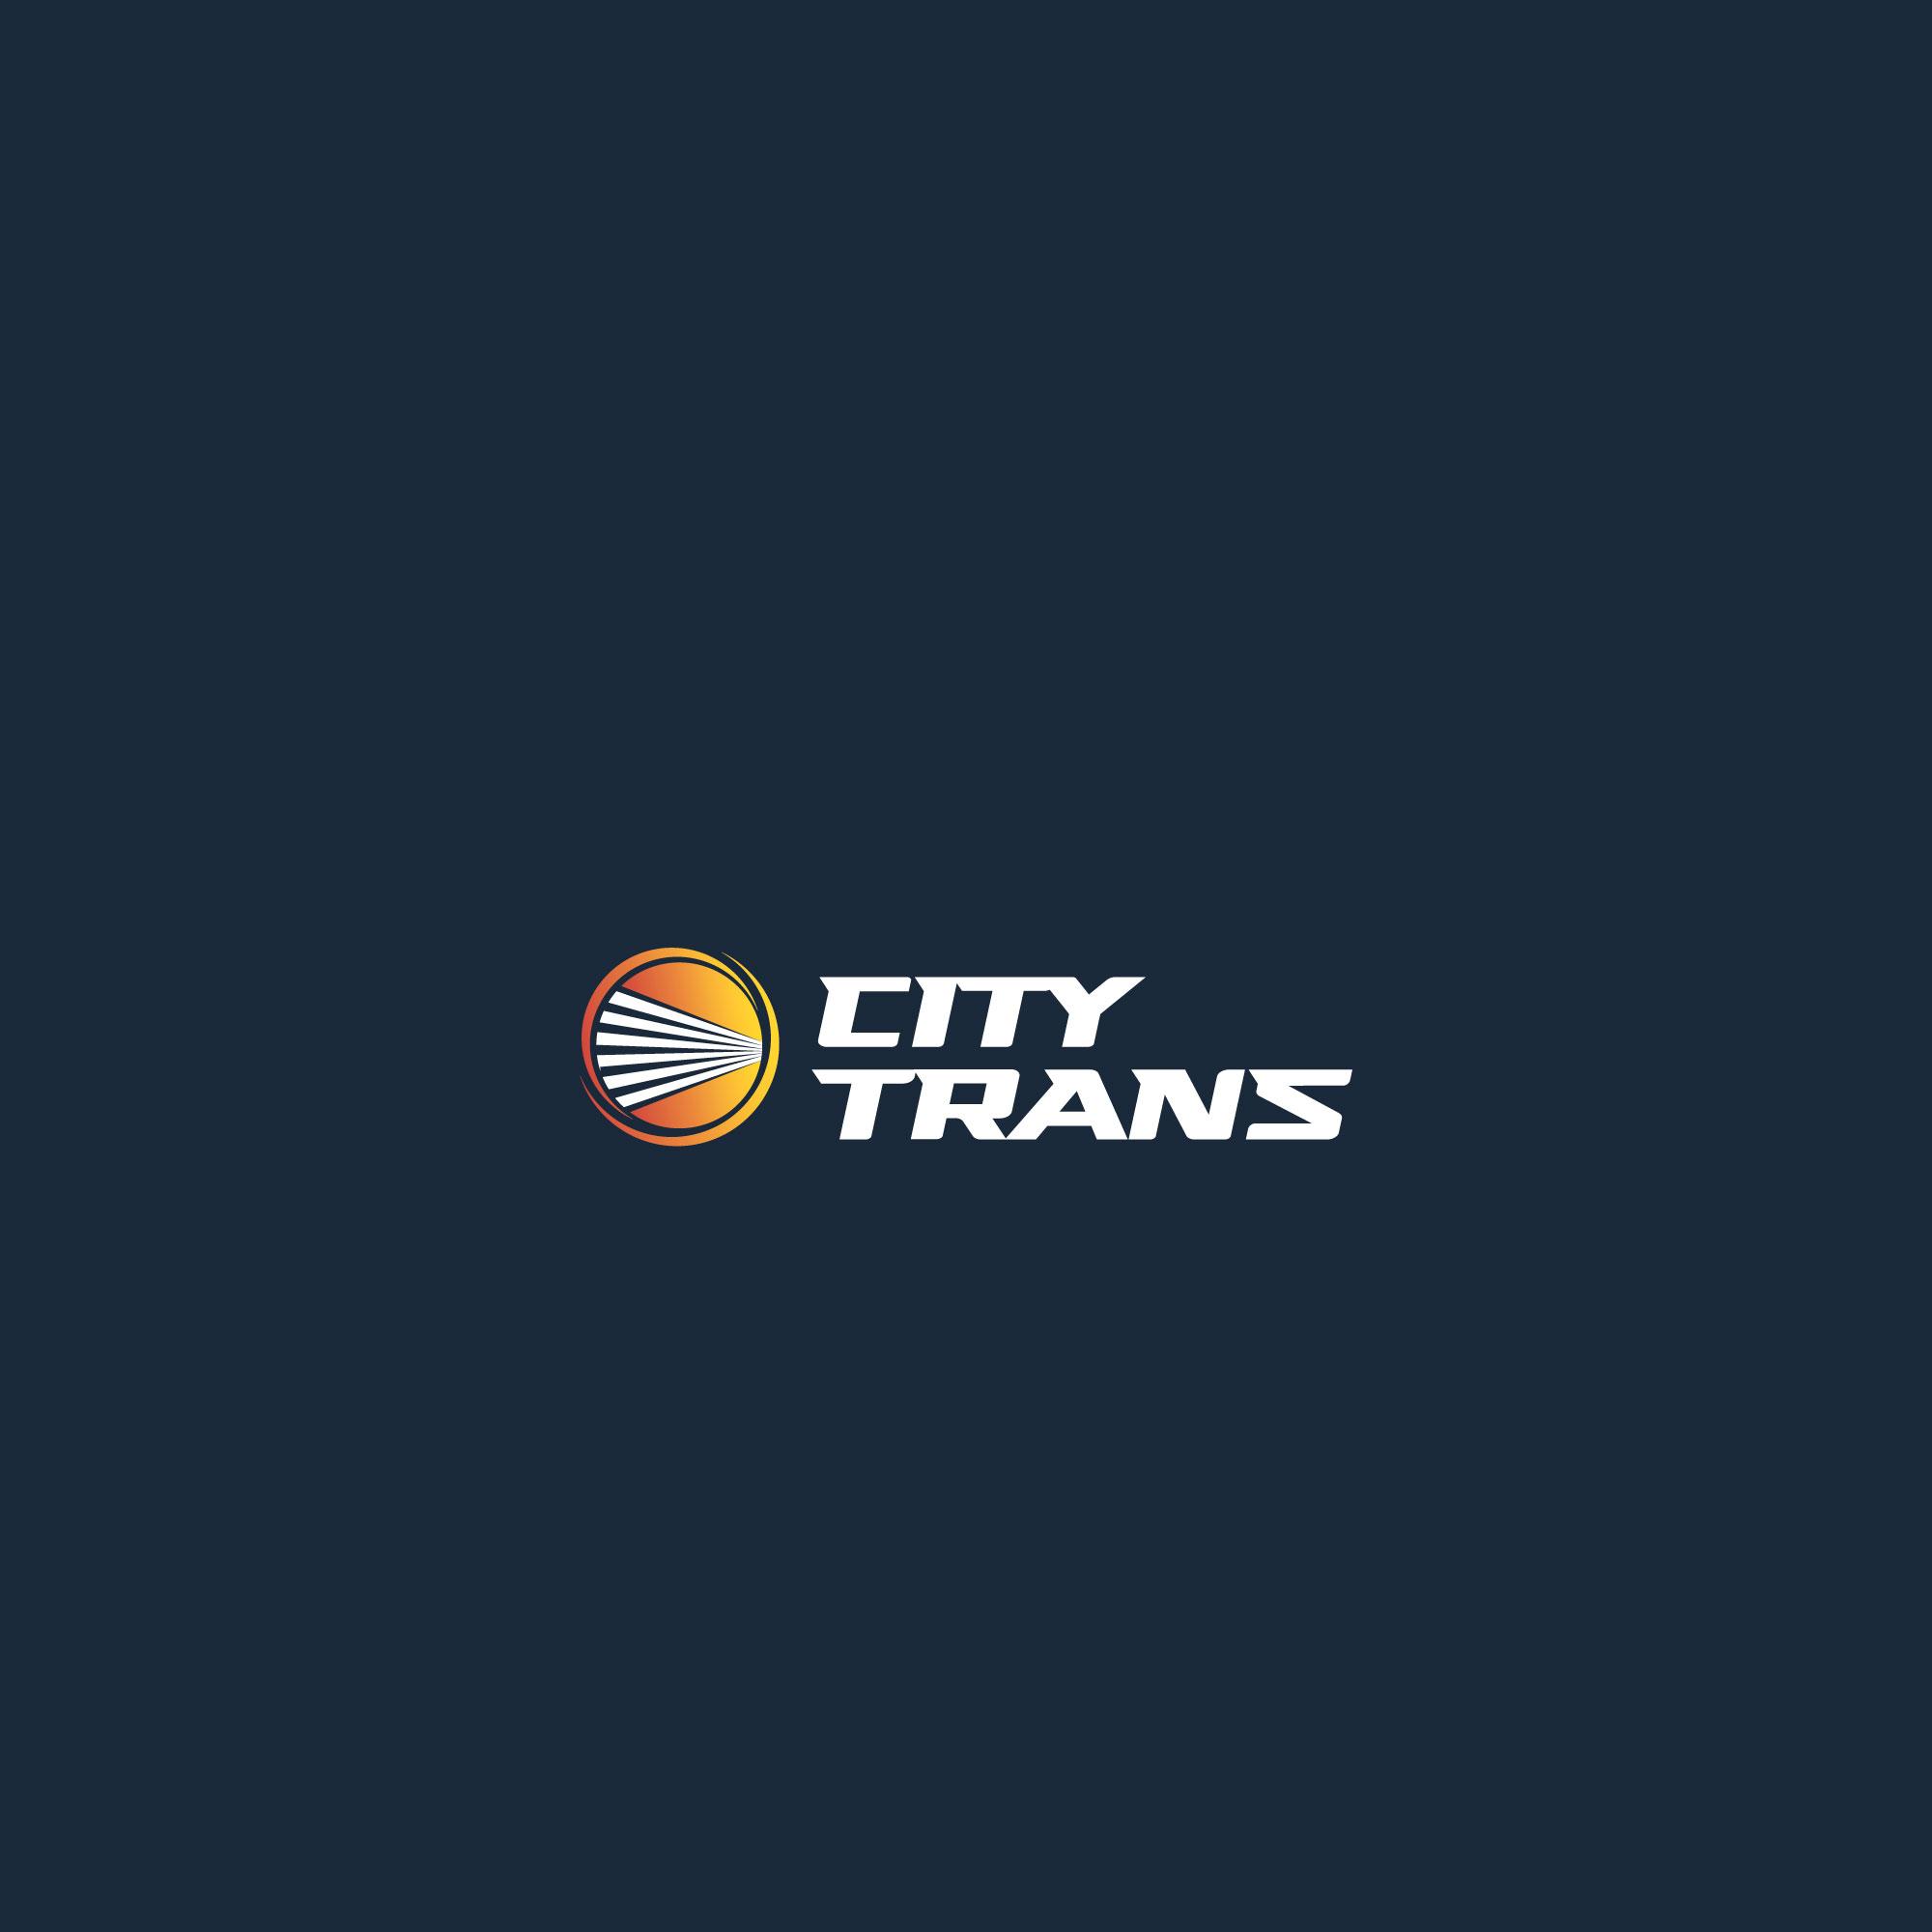 Разработка Логотипа транспортной компании фото f_1095e6f8a2a432b4.jpg